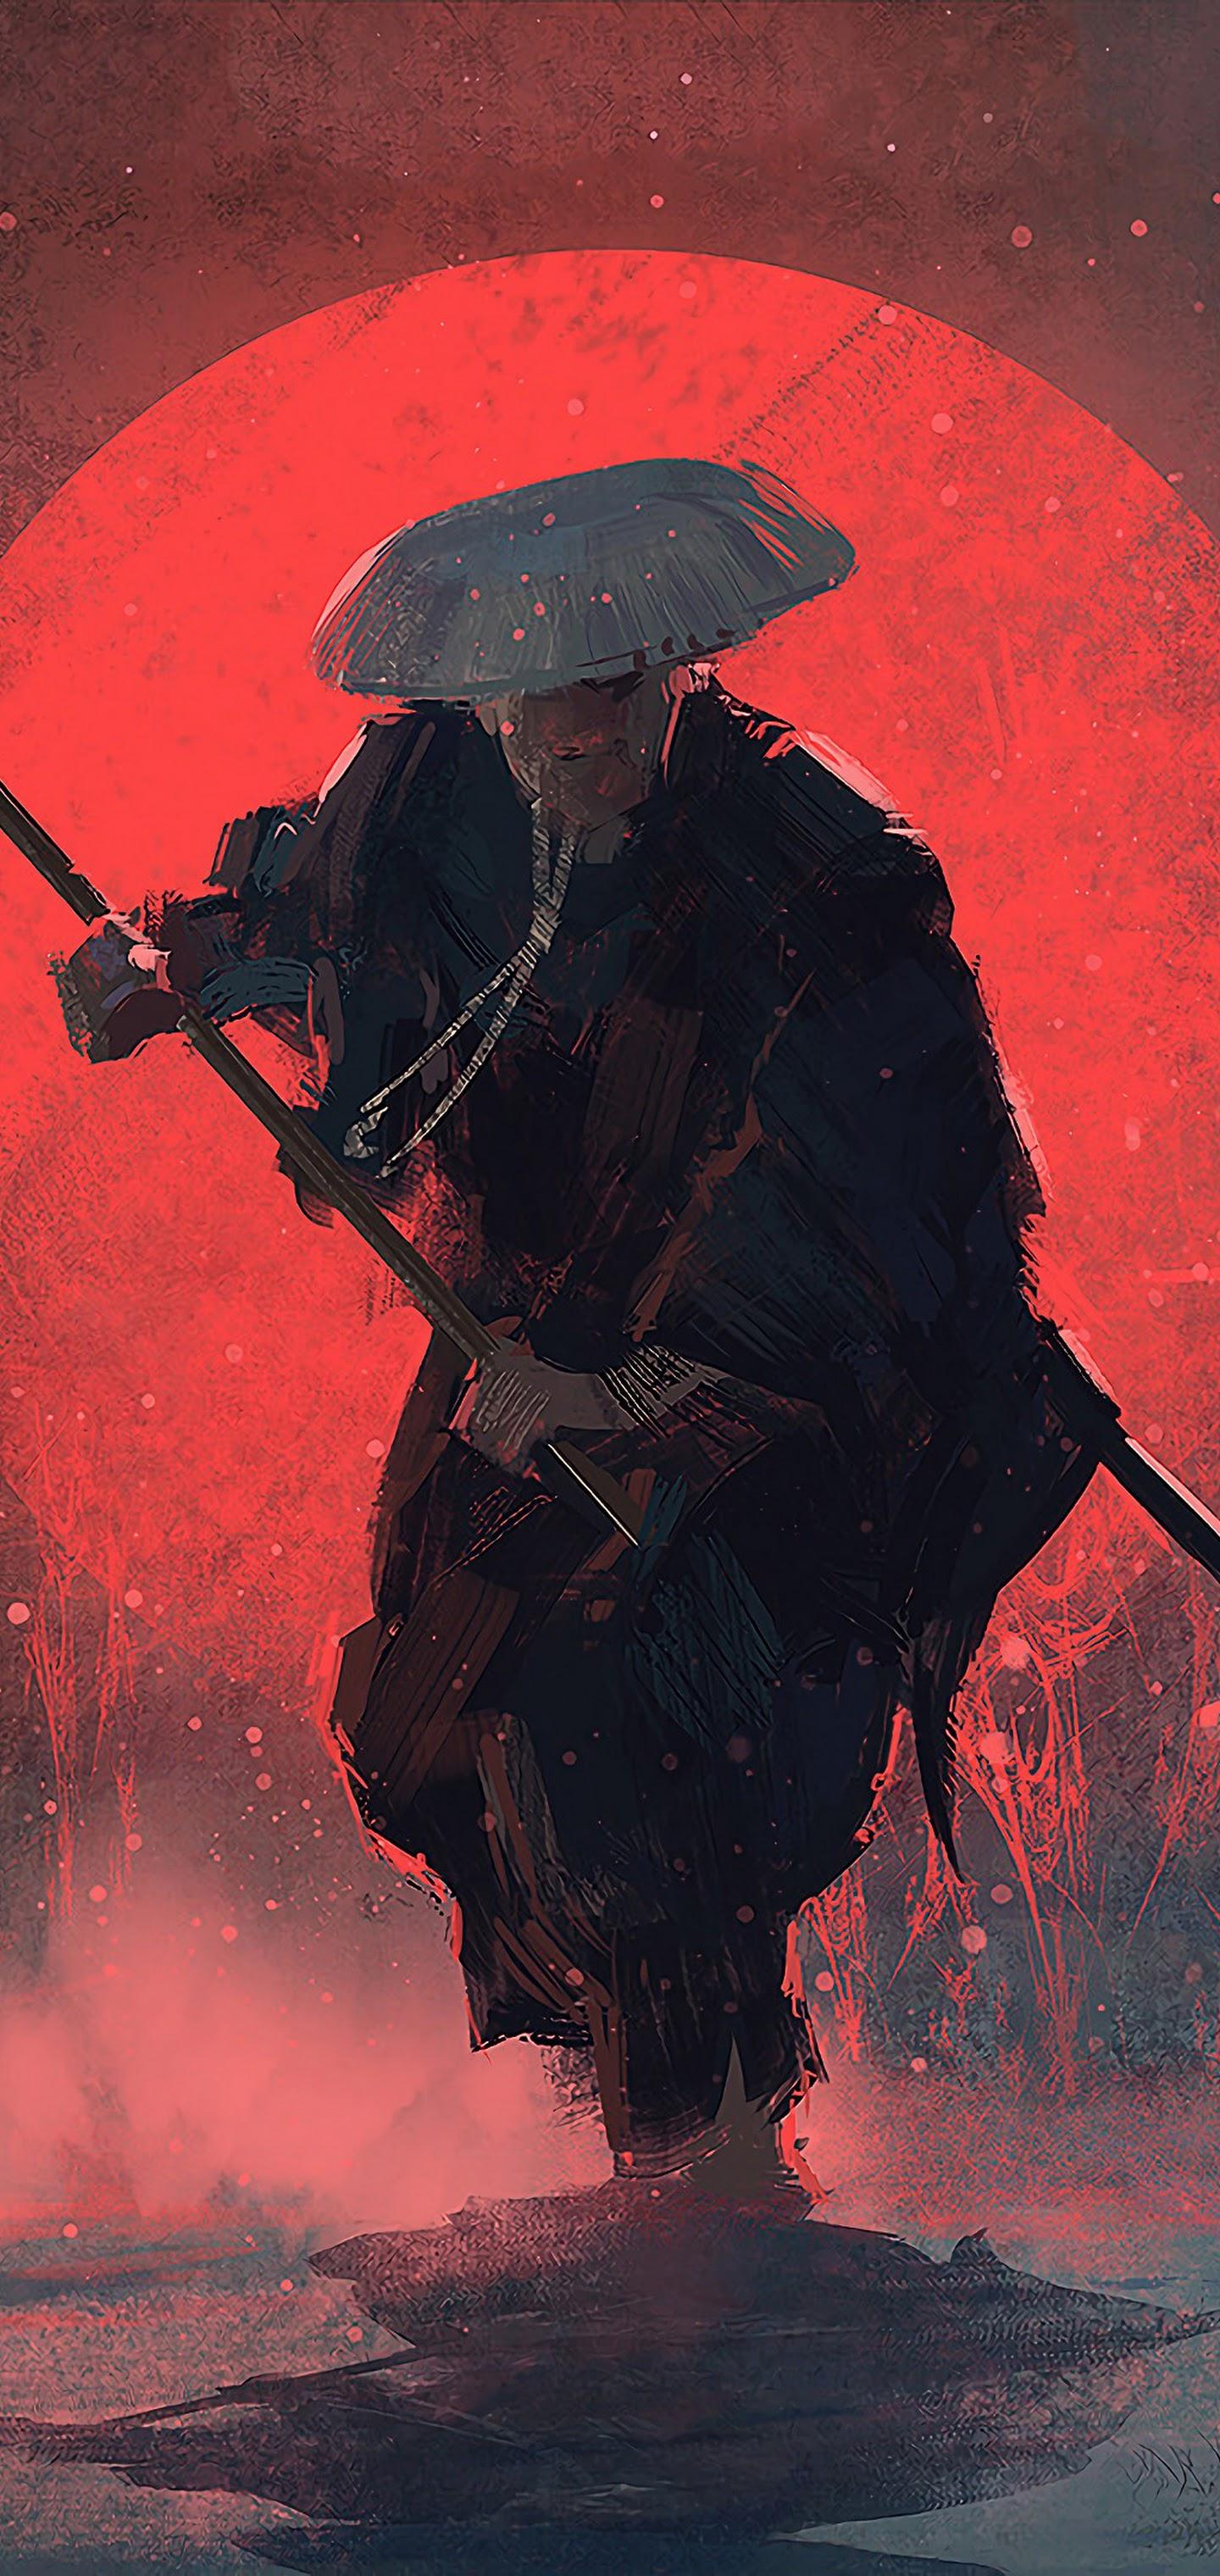 samurai art fantasy uhdpaper.com 4K 109